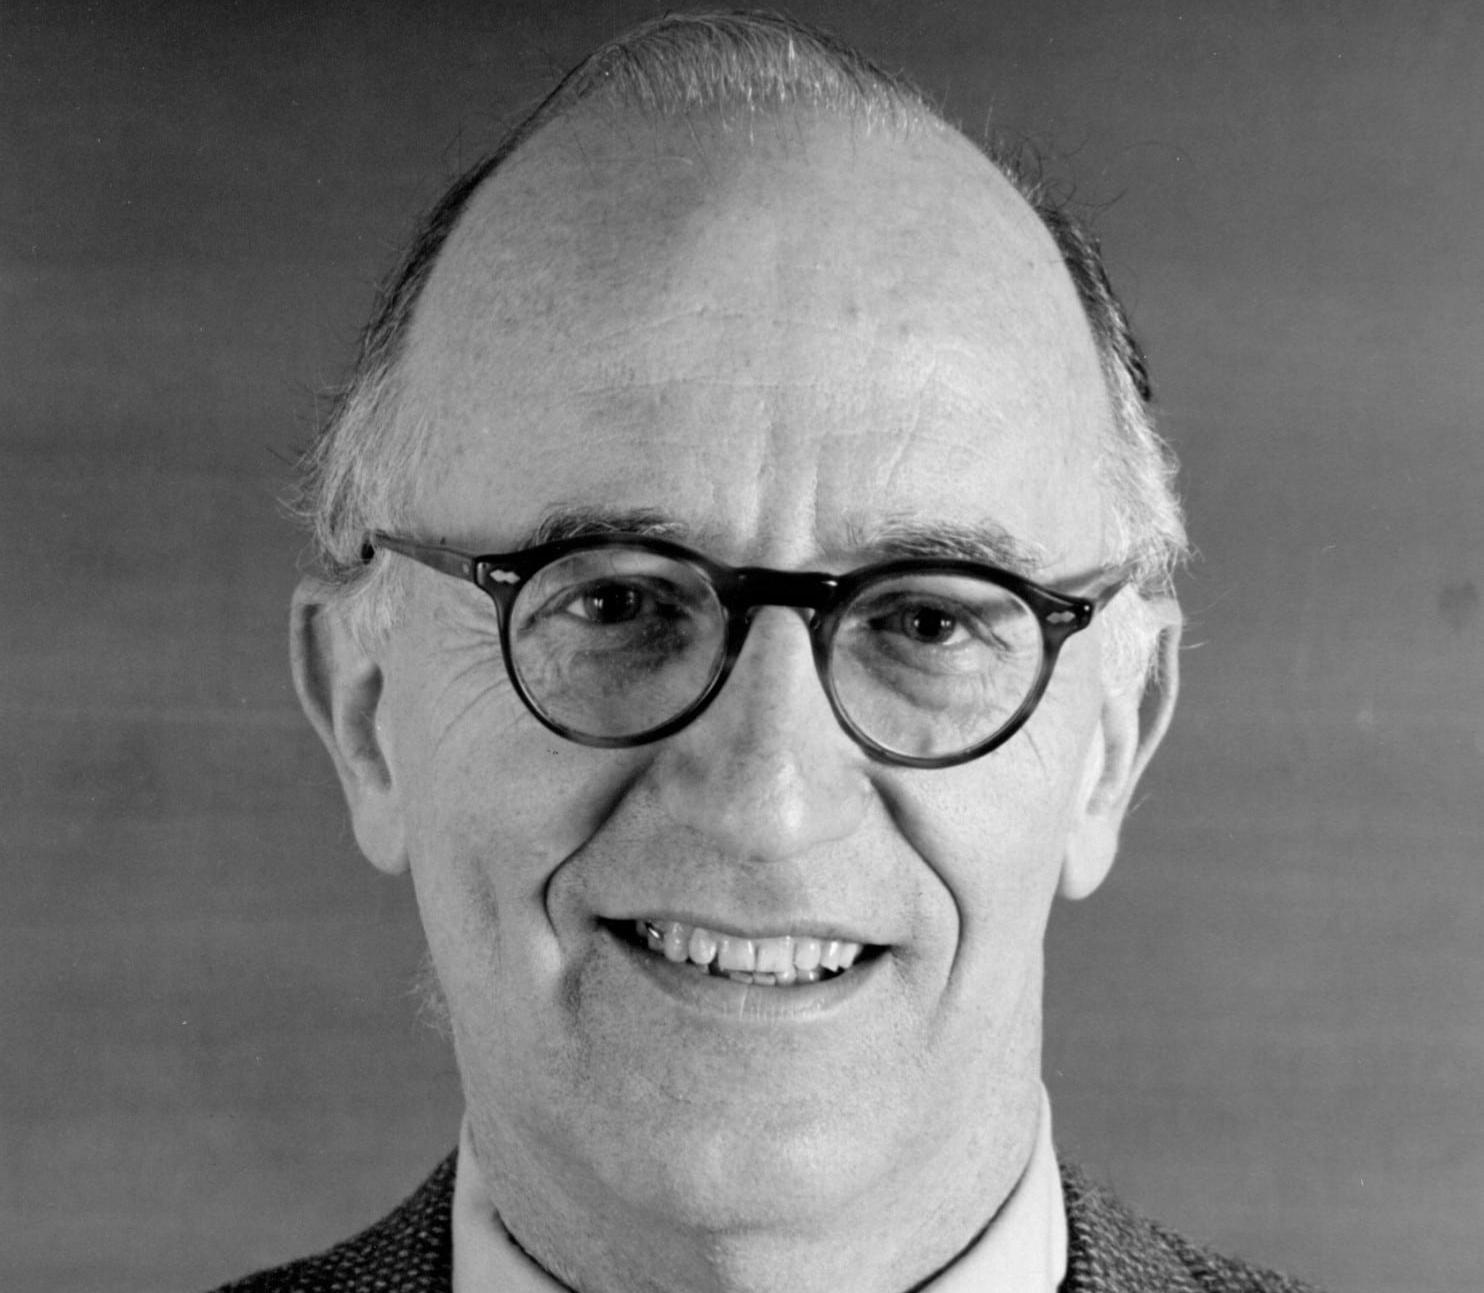 從中信金 談到媒金不分離的典範: Edward S. Herman